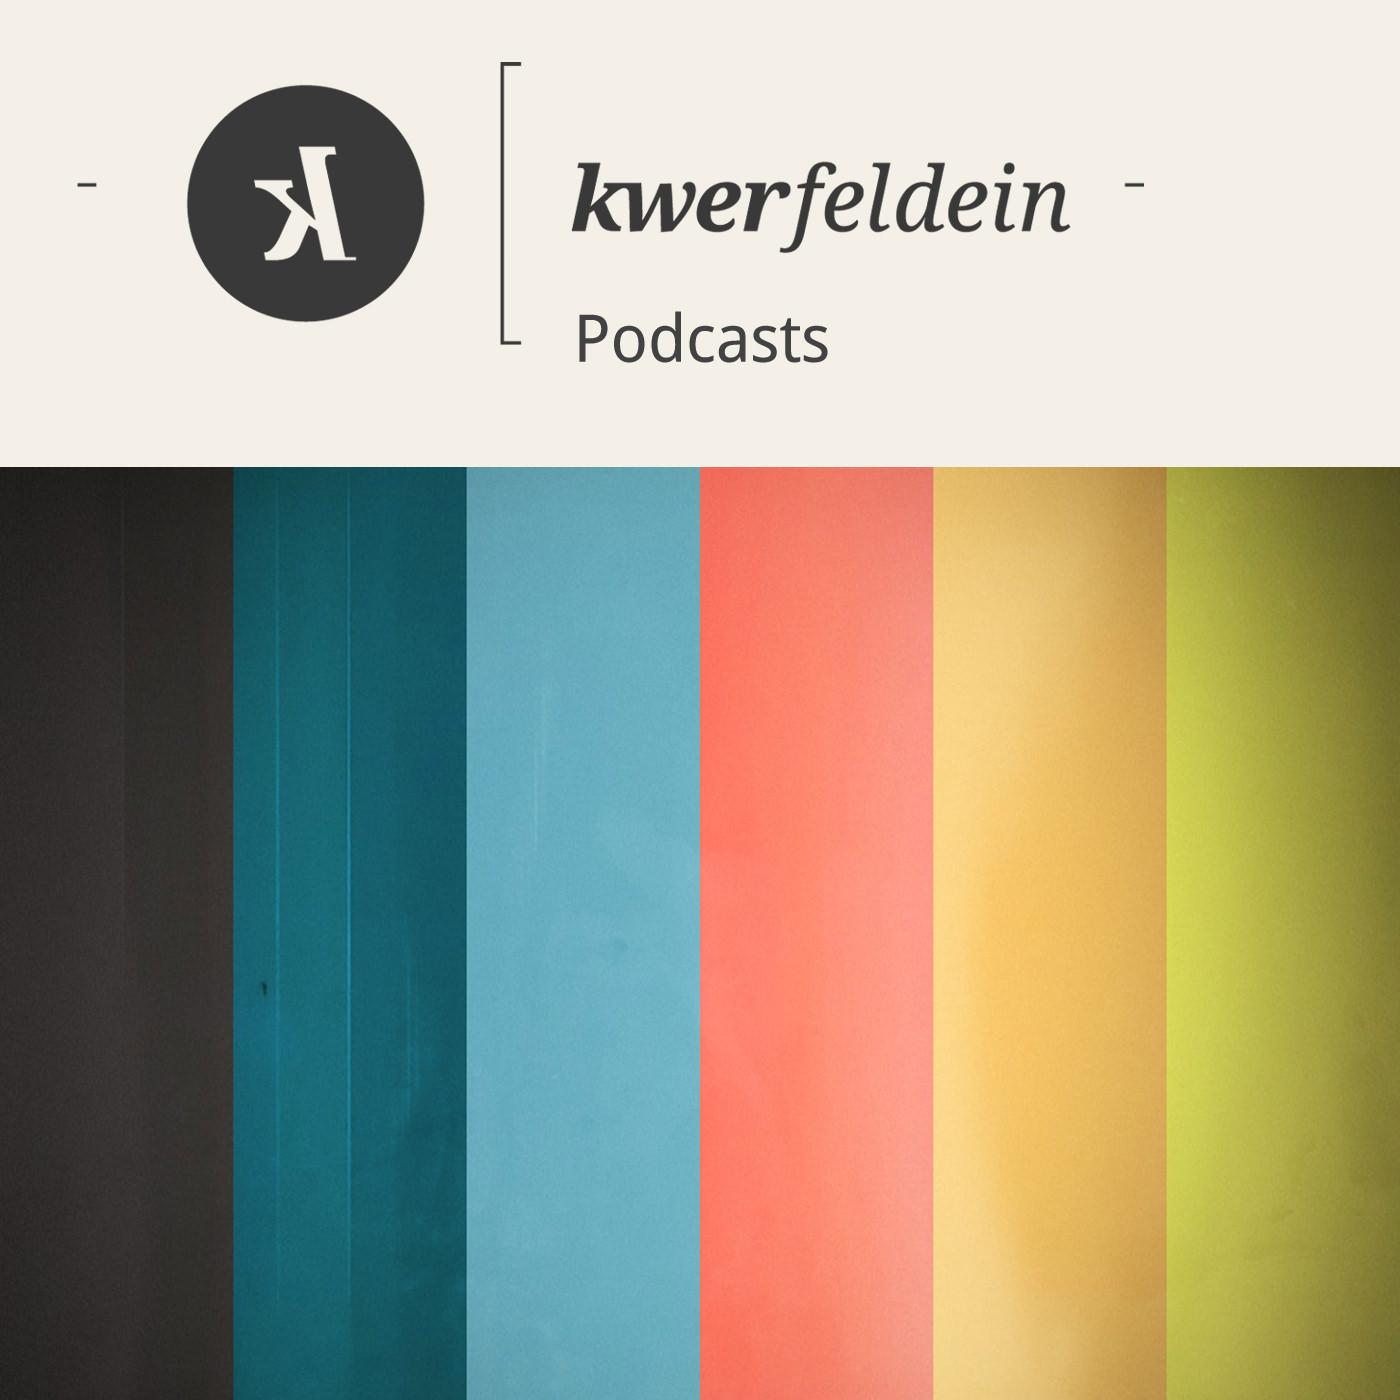 kwerfeldein – Podcasts